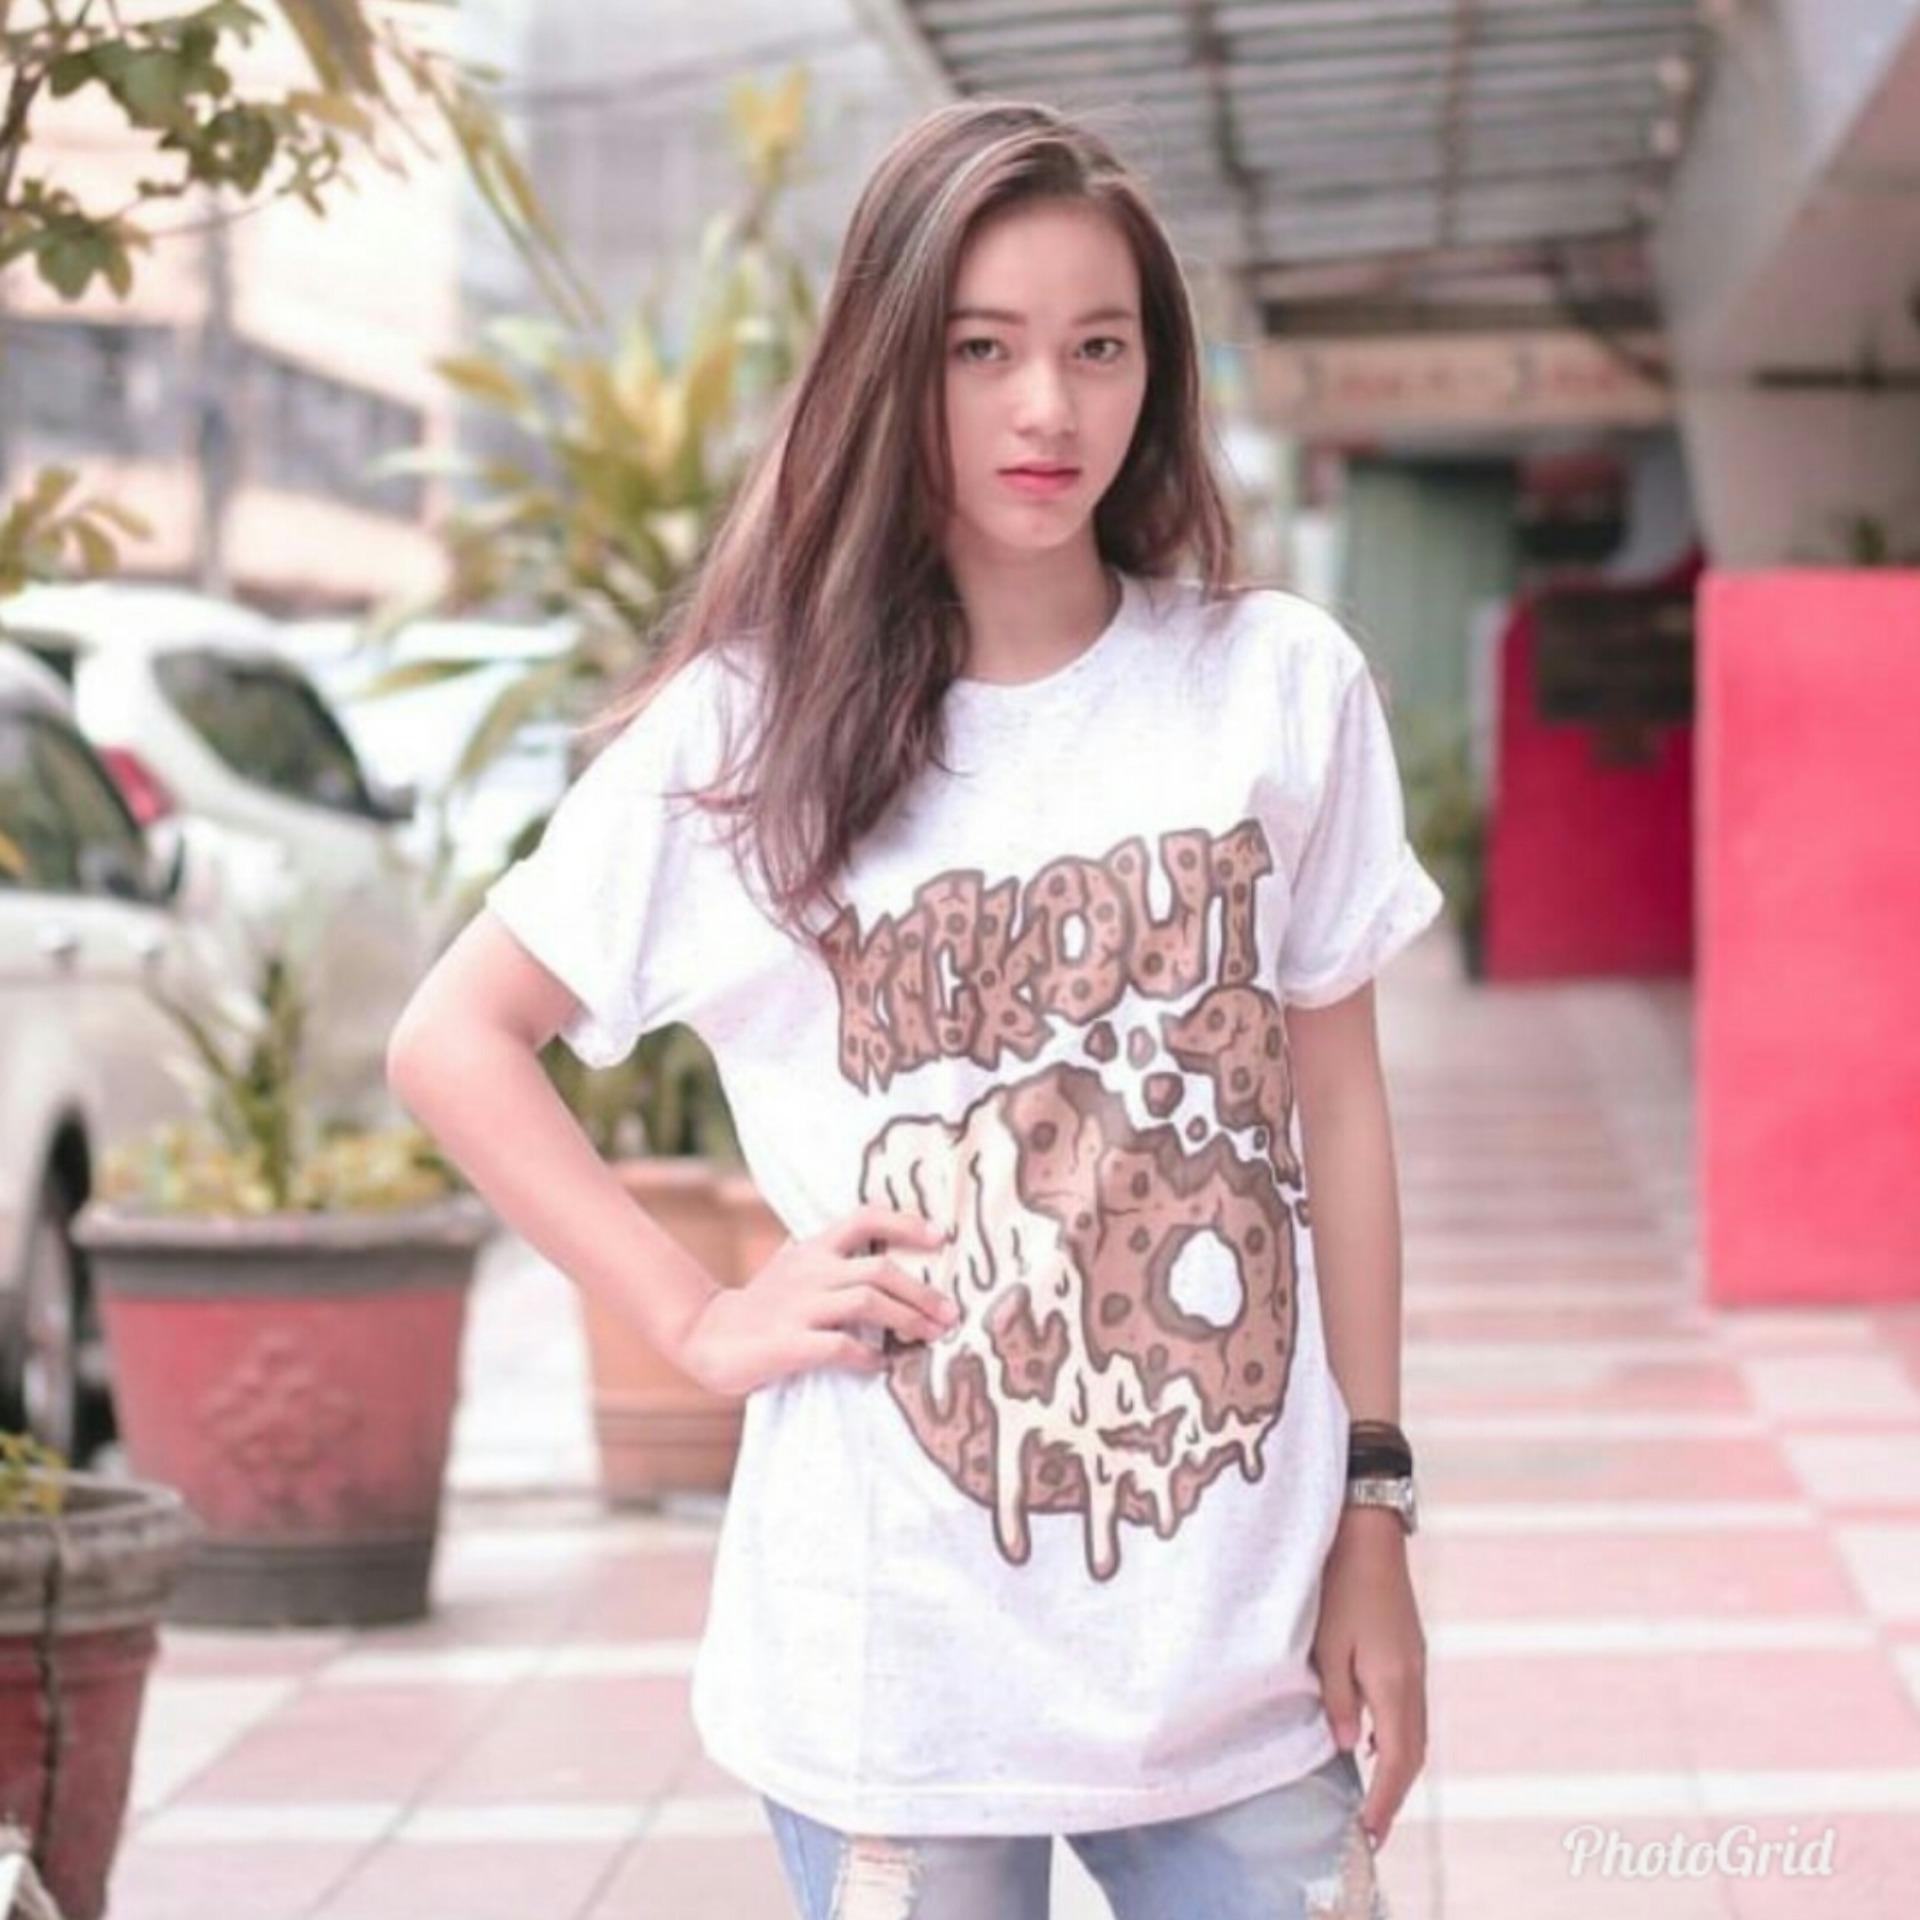 GRT Tumblr Tee T-Shirt BTS T-shirt Wanita Kaos Cewek Tumblr Tee Cewek